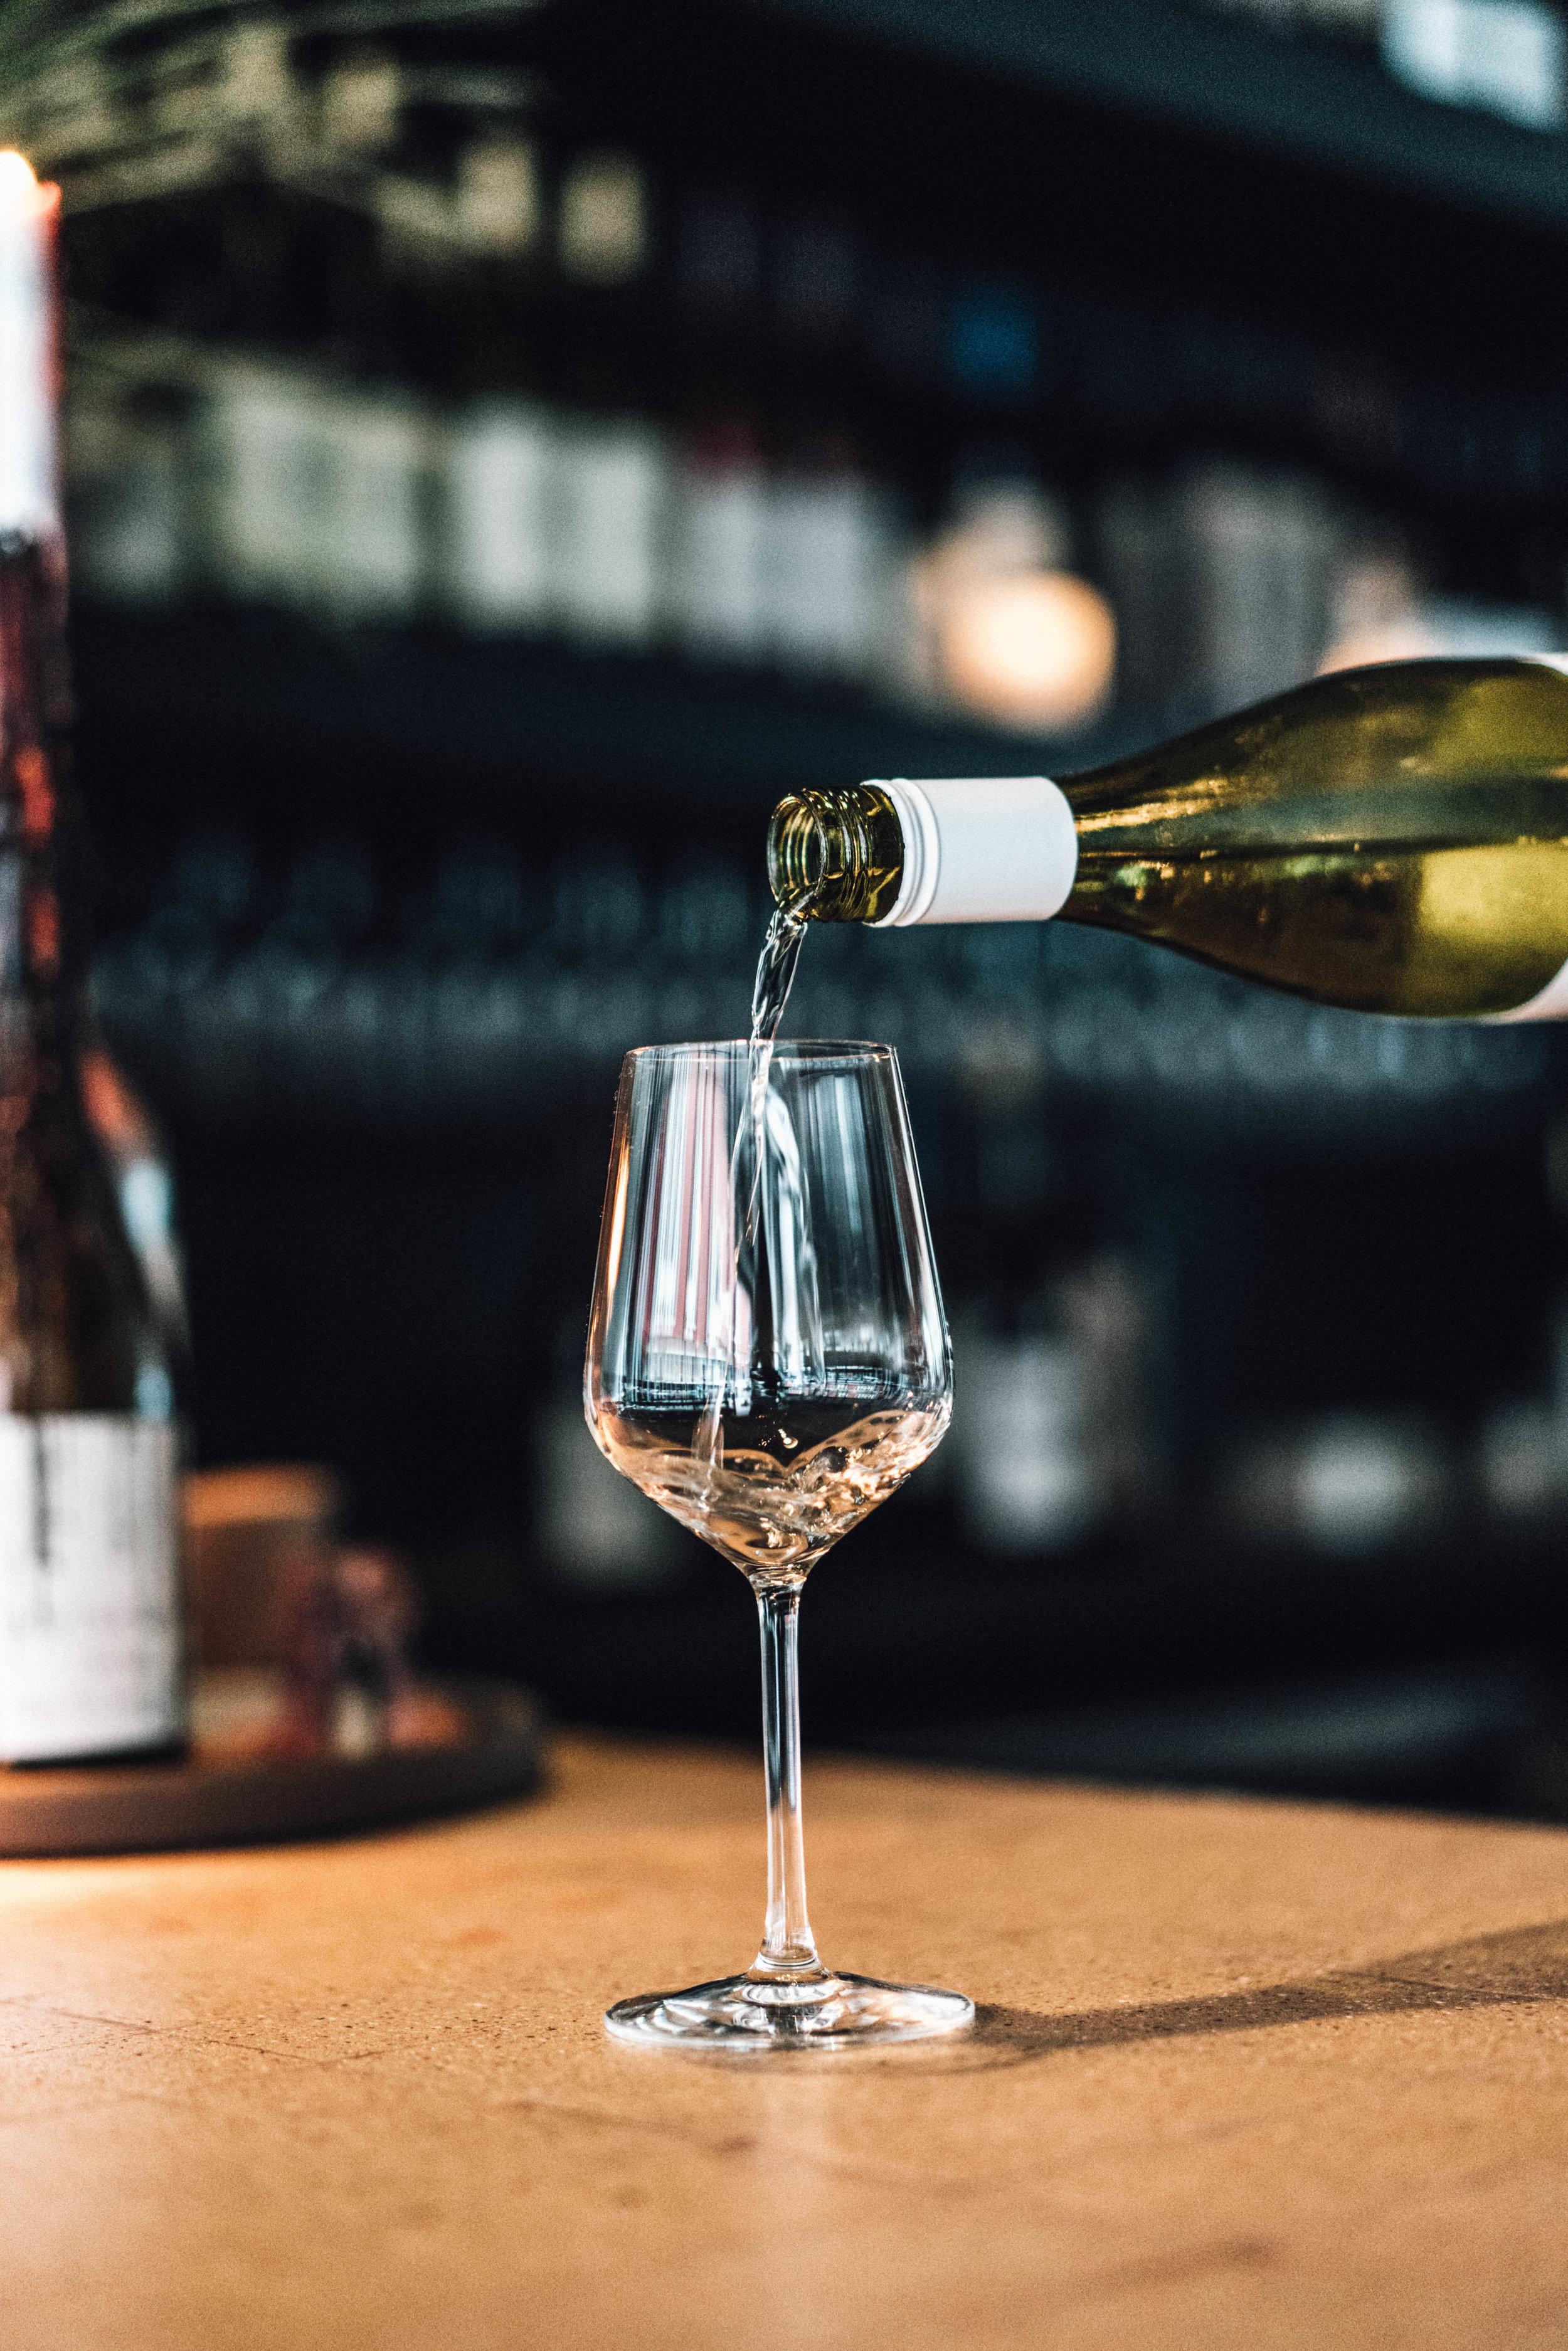 LADTR_LA-Wine-4.jpg